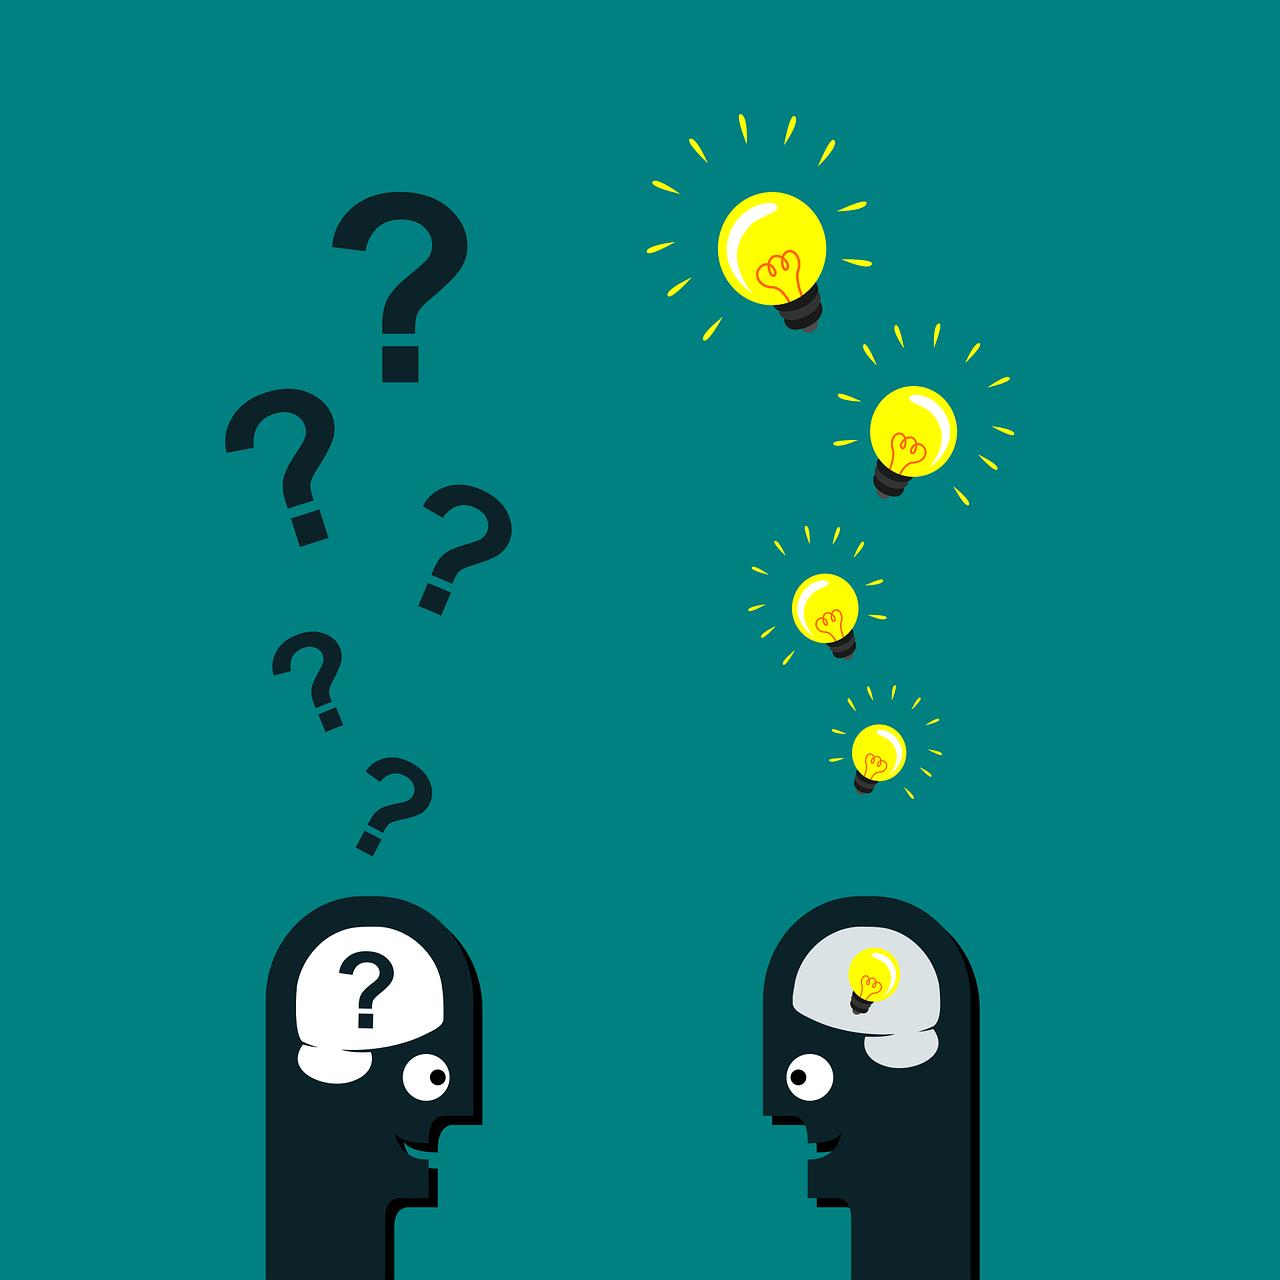 Когда и почему продвижение в соцсетях через партнерство — это ПАРАЗИТИЗМ, а не взаимовыгодное партнерство?